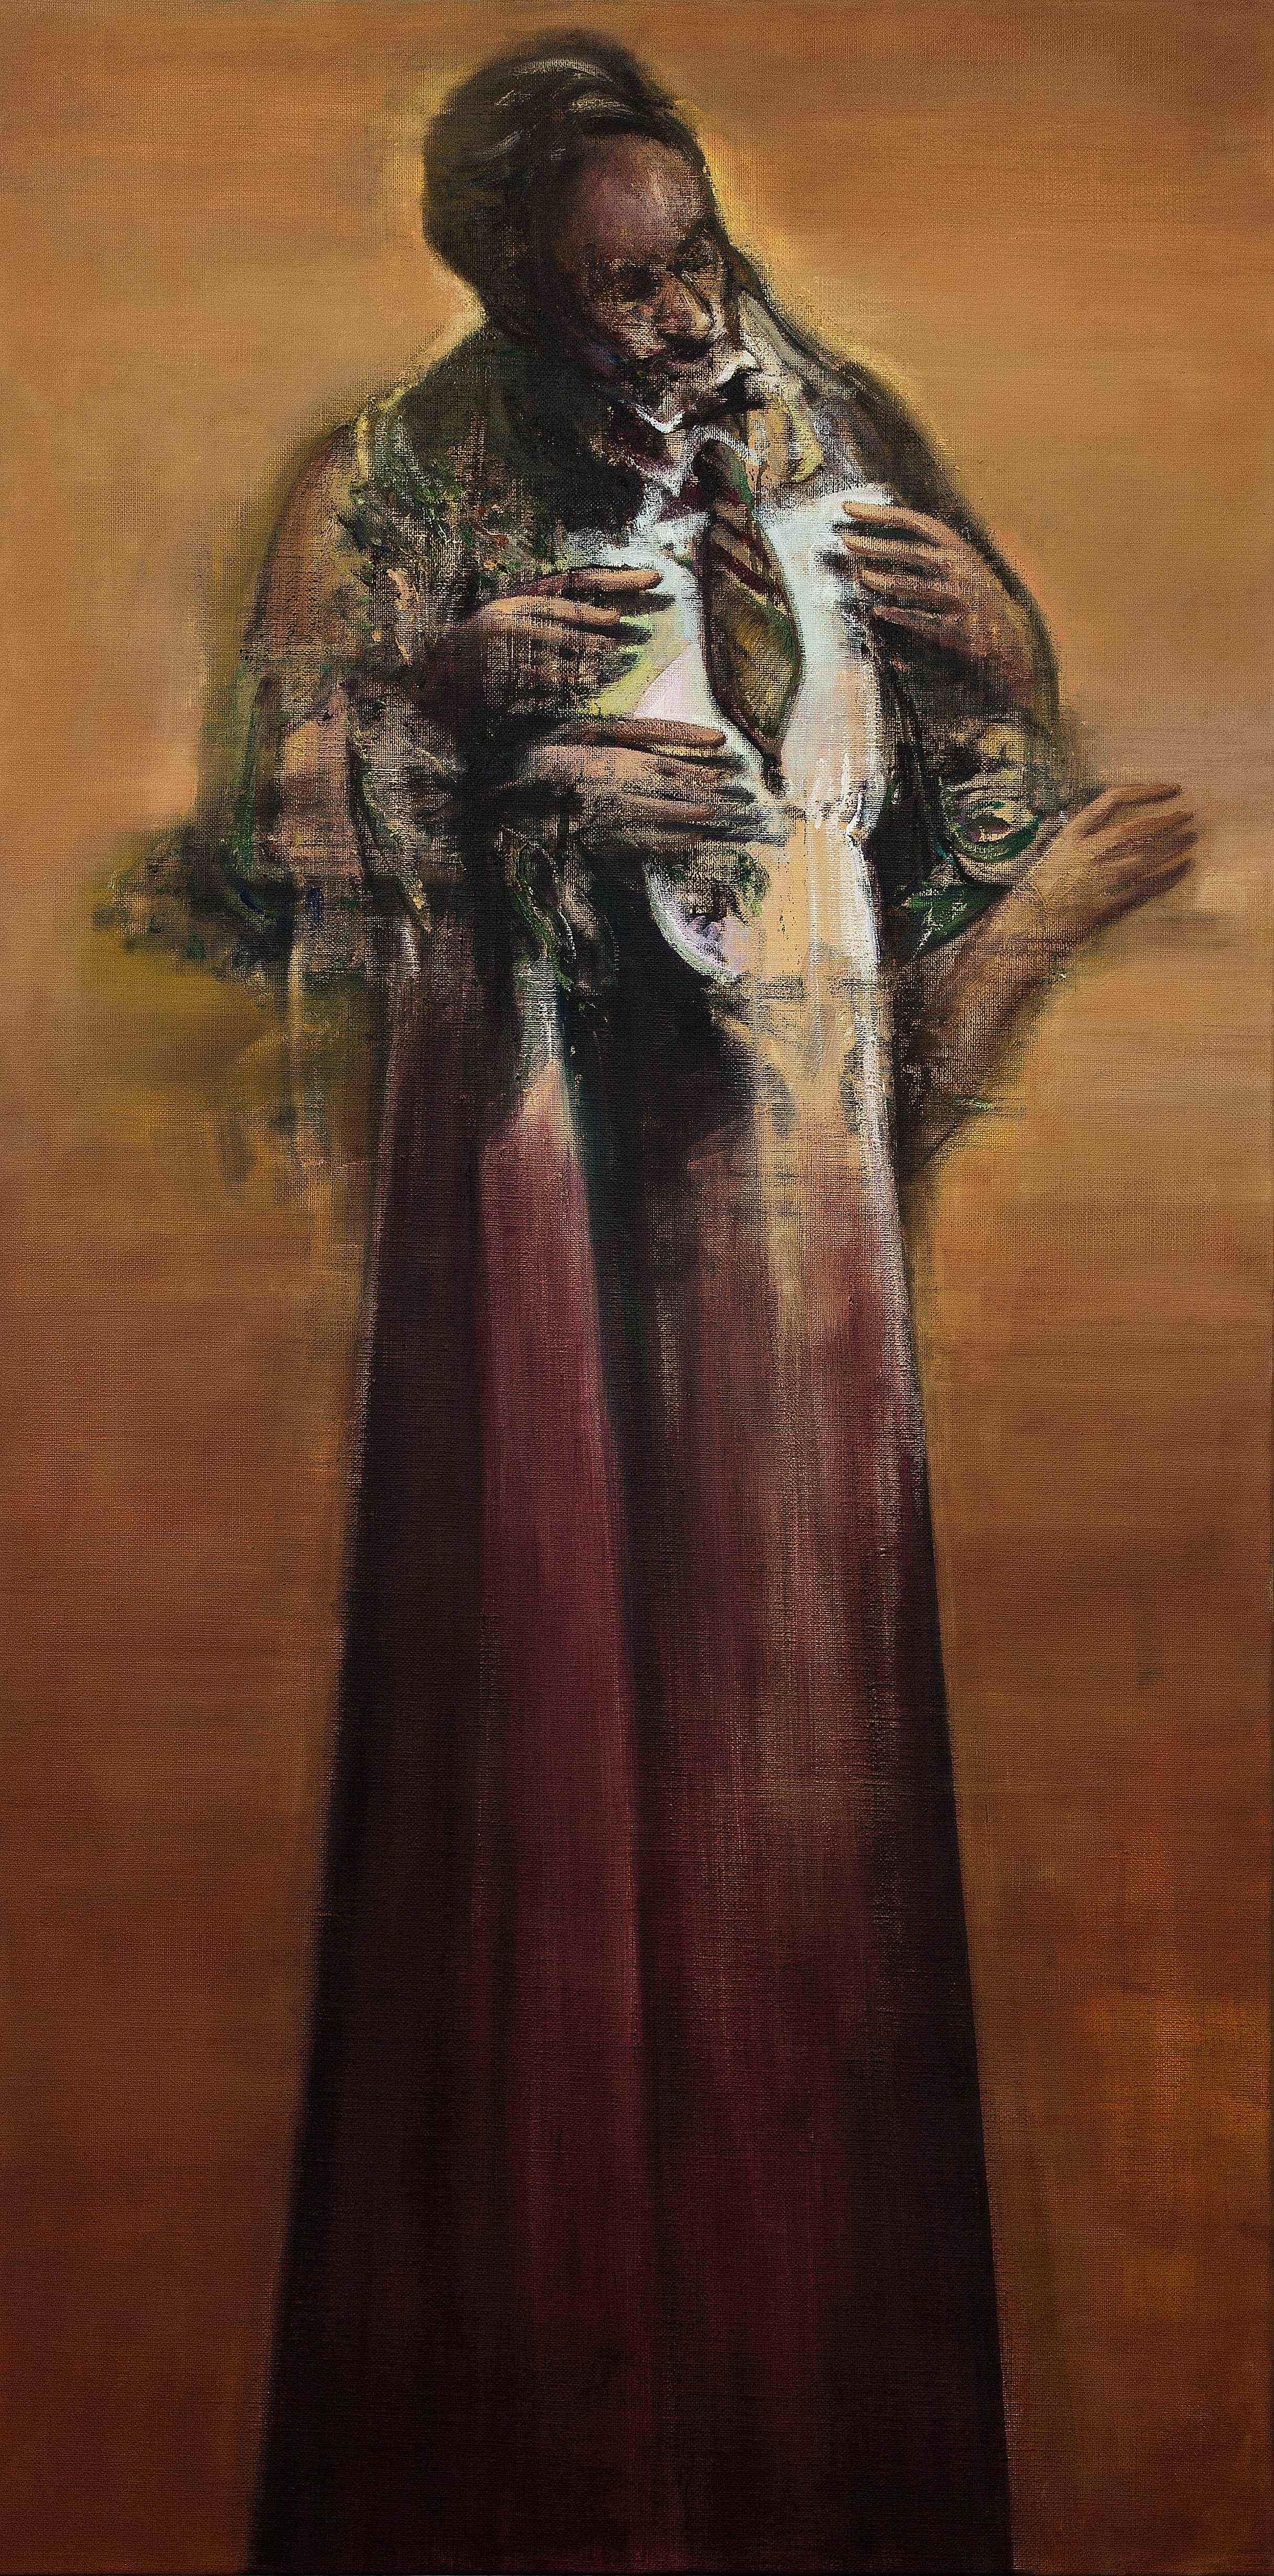 Nikos Aslanidis, The Orator (Alchemist), 2016, oil on linen, 200 x 100 cm